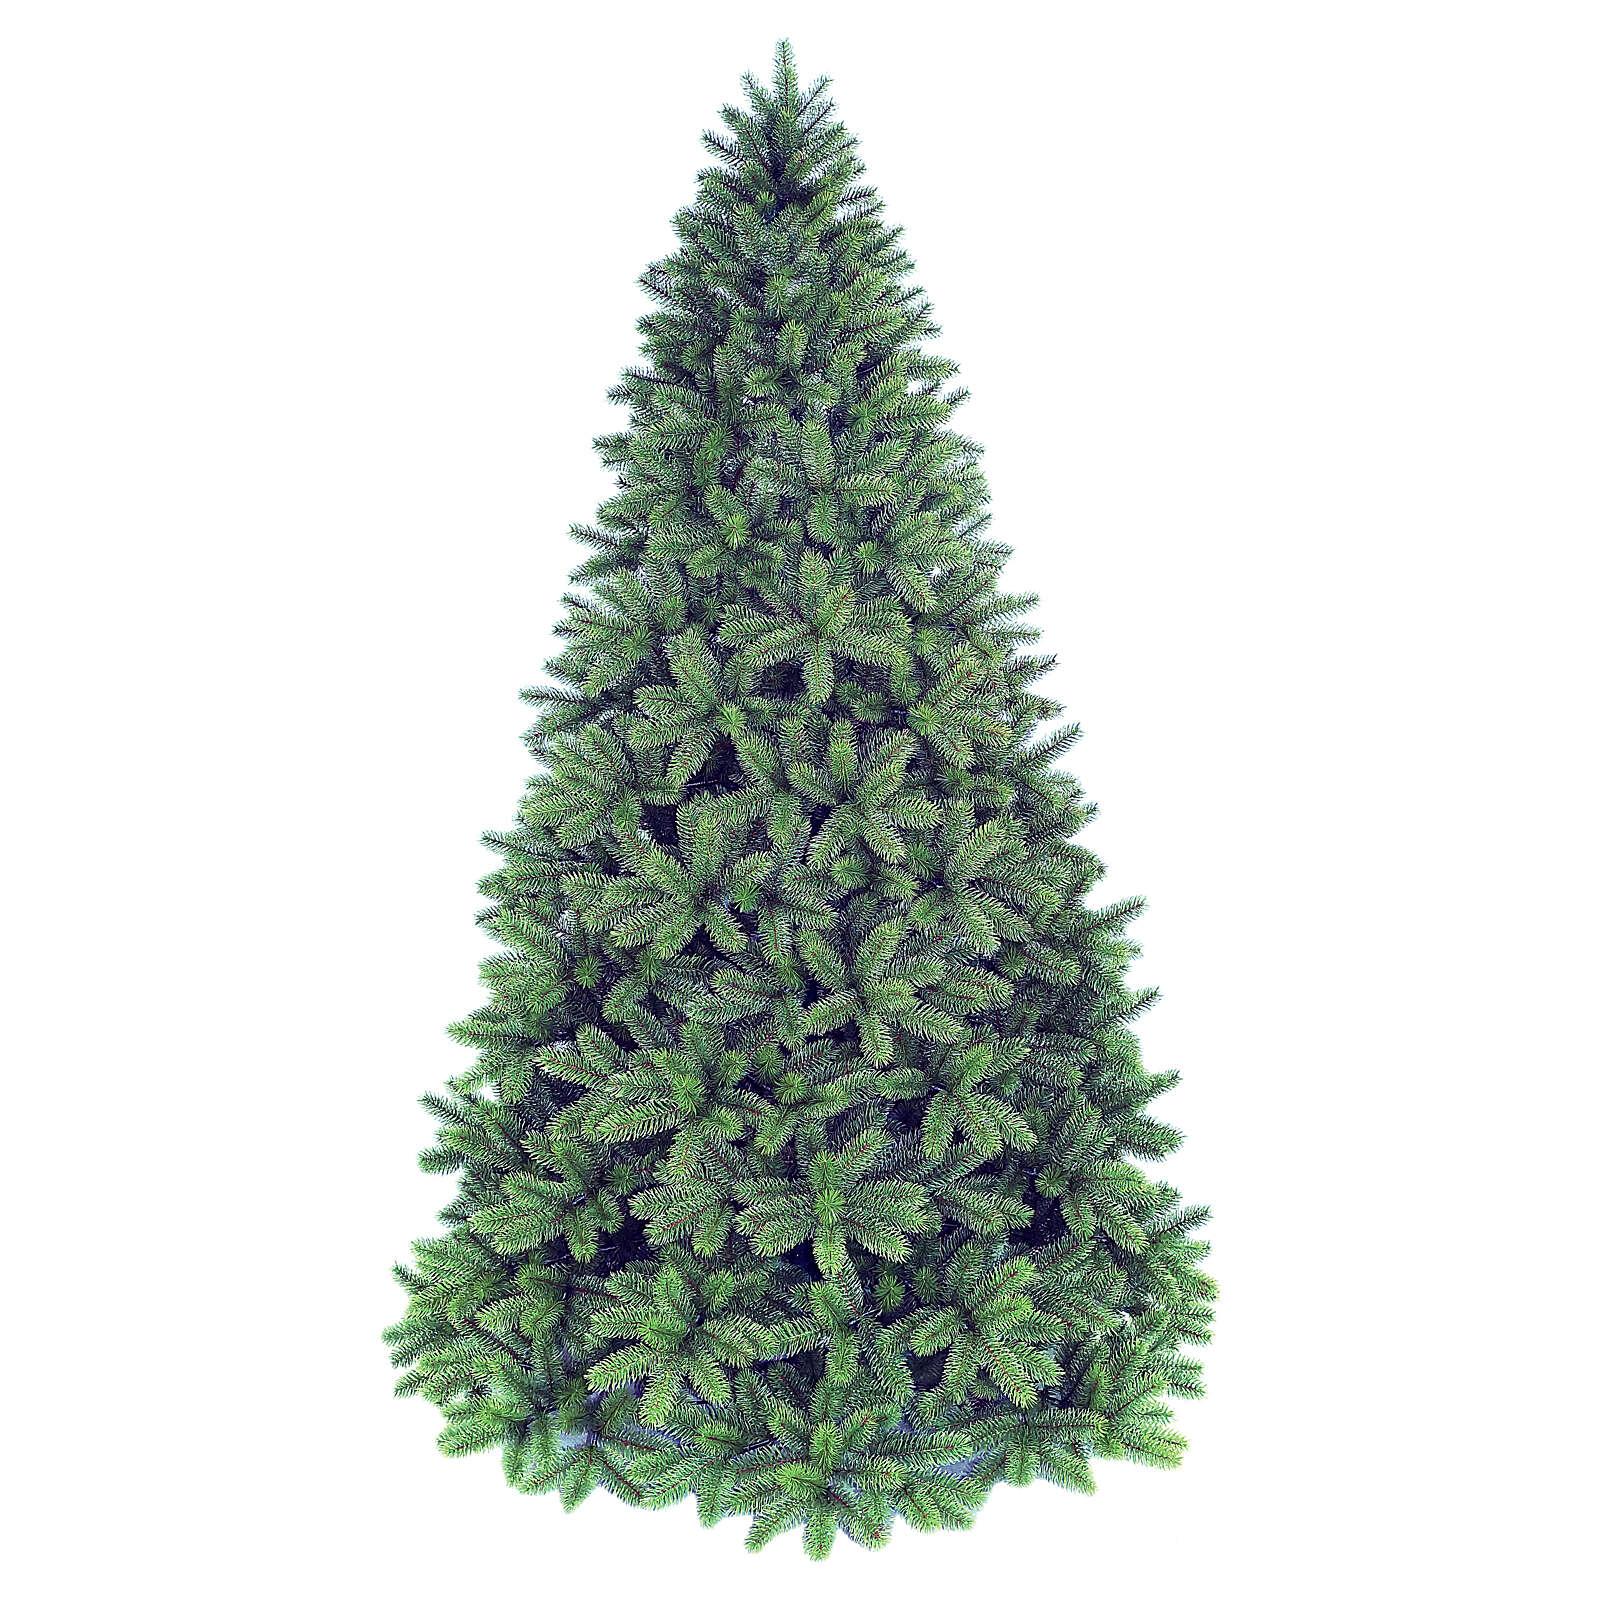 Weihnachtsbaum grün Fillar Winter Woodland, 270 cm 3